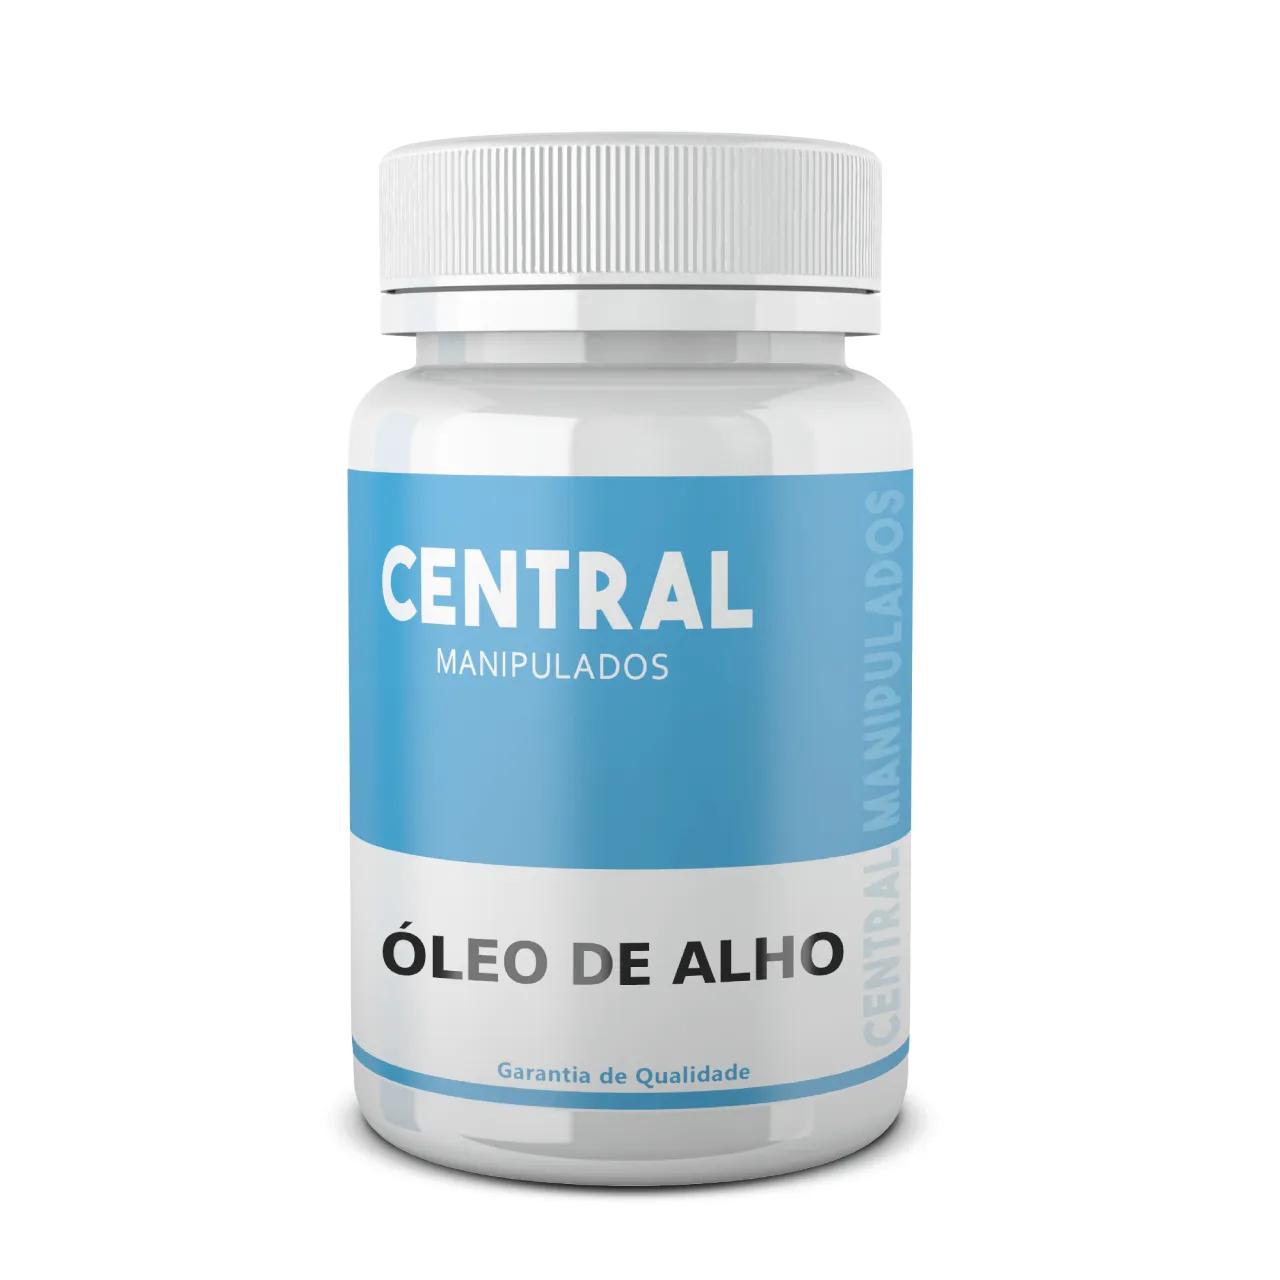 Óleo de Alho 250mg - 30 cápsulas - Propriedades Antibacteriana e Antiviral, Combate a Gripe